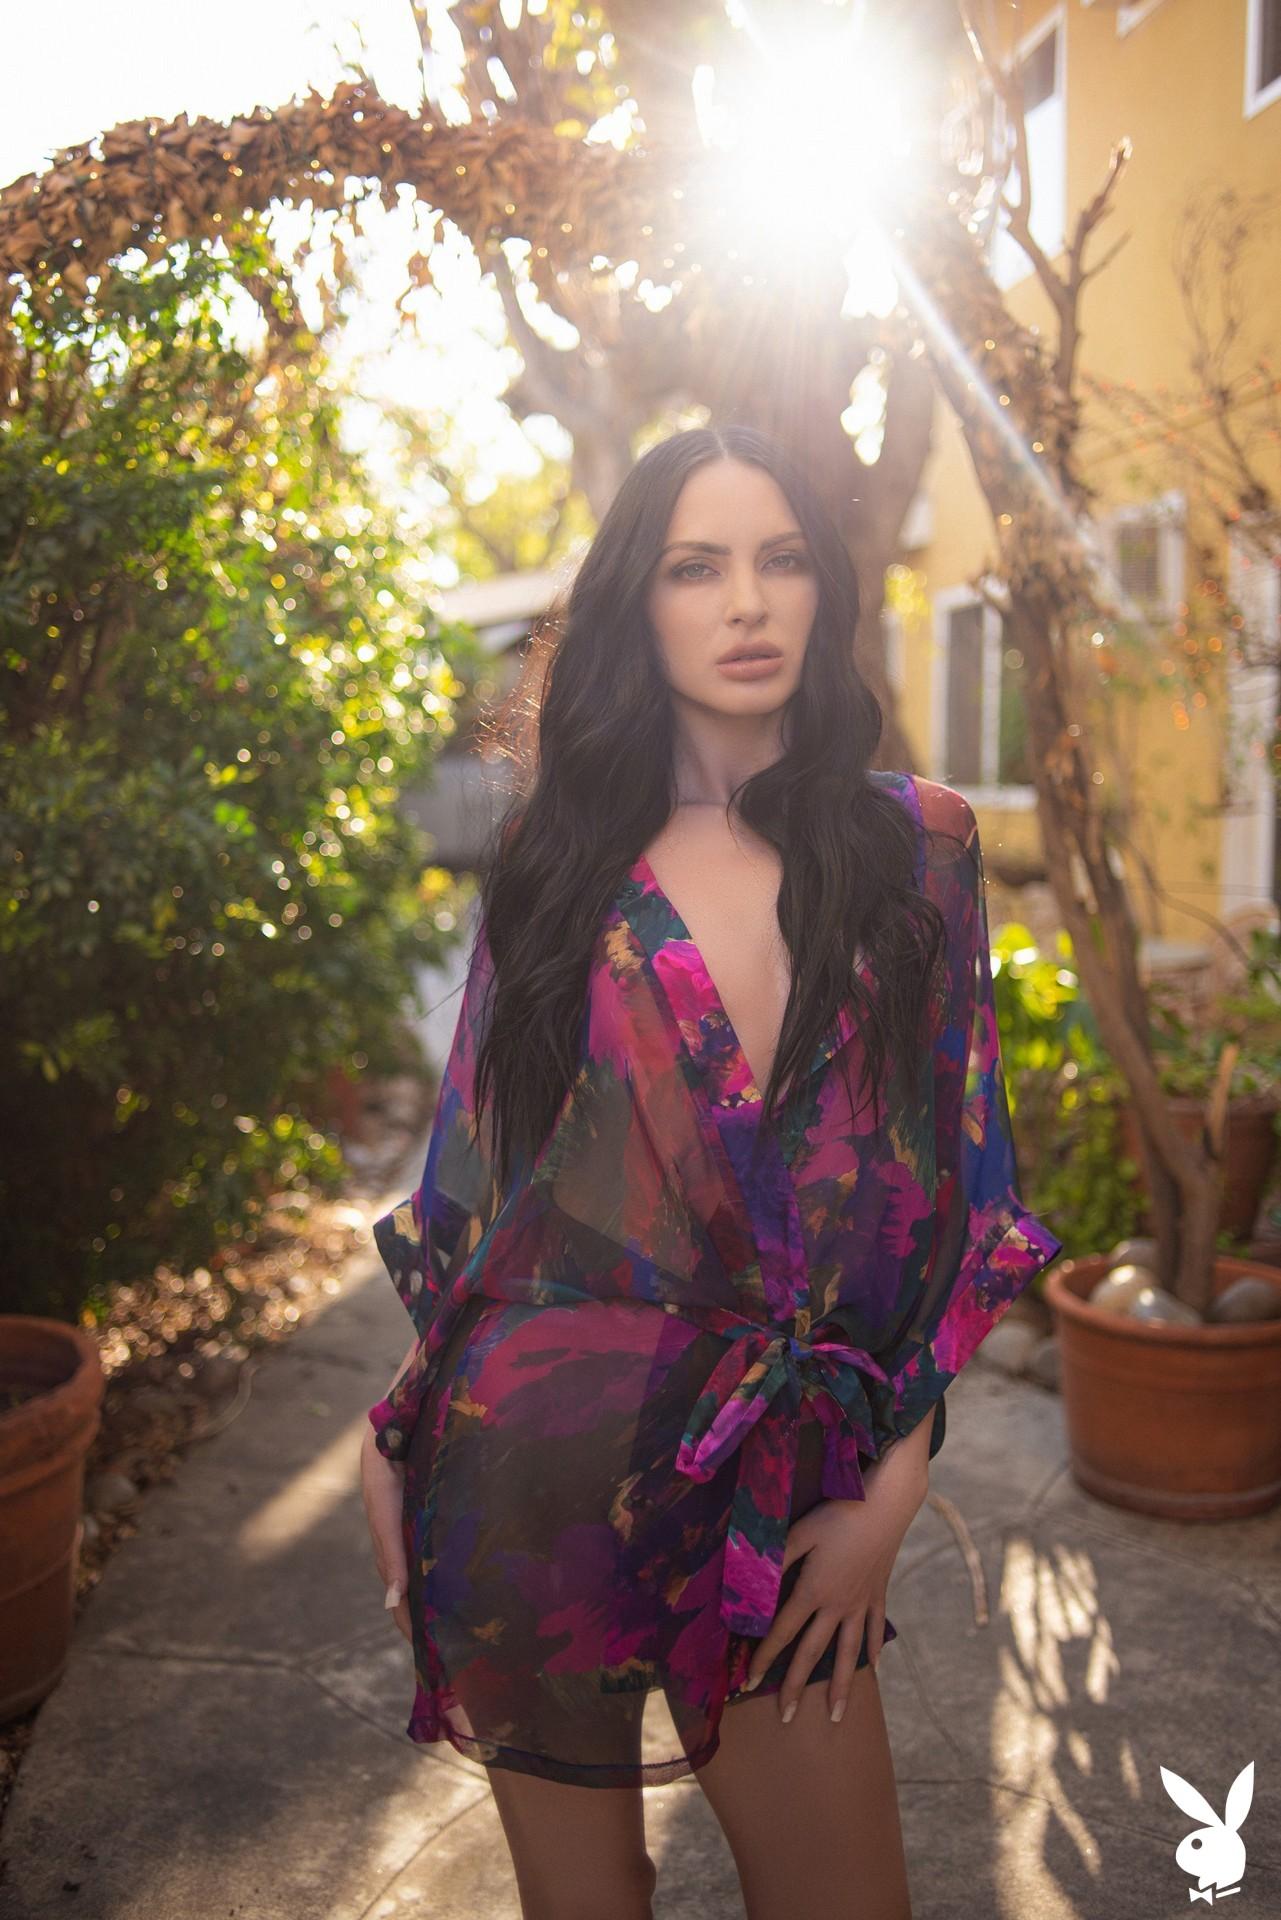 Carissa White In Glamour Garden Playboy Plus (1)